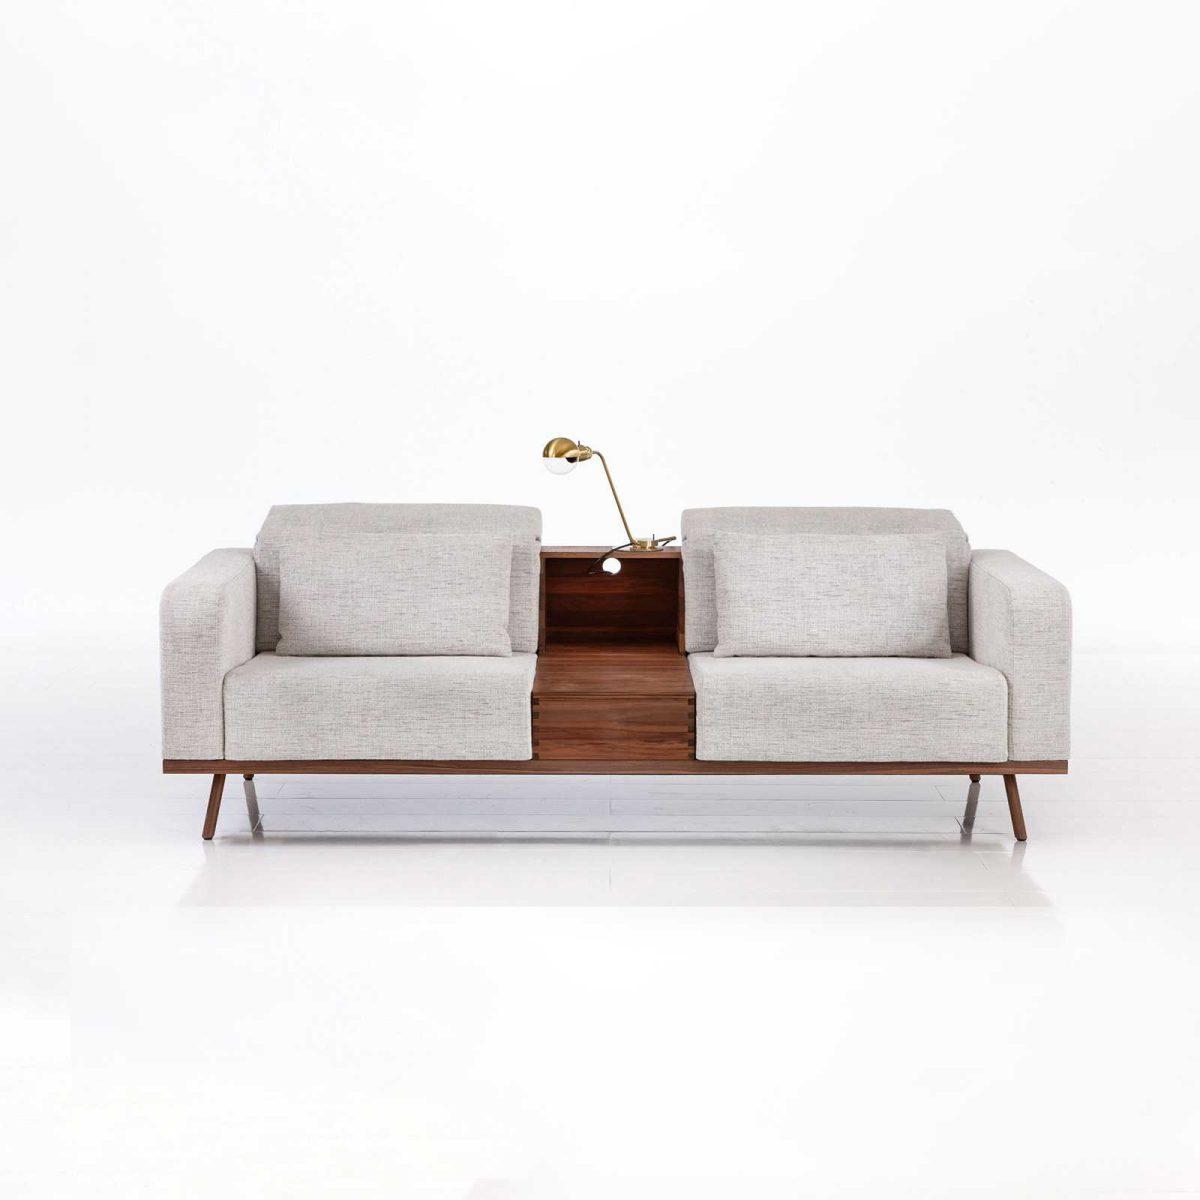 Brühl Sofas, Sessel in Wohnen Schlafen online kaufen bei wohnenschlafen-shop.de